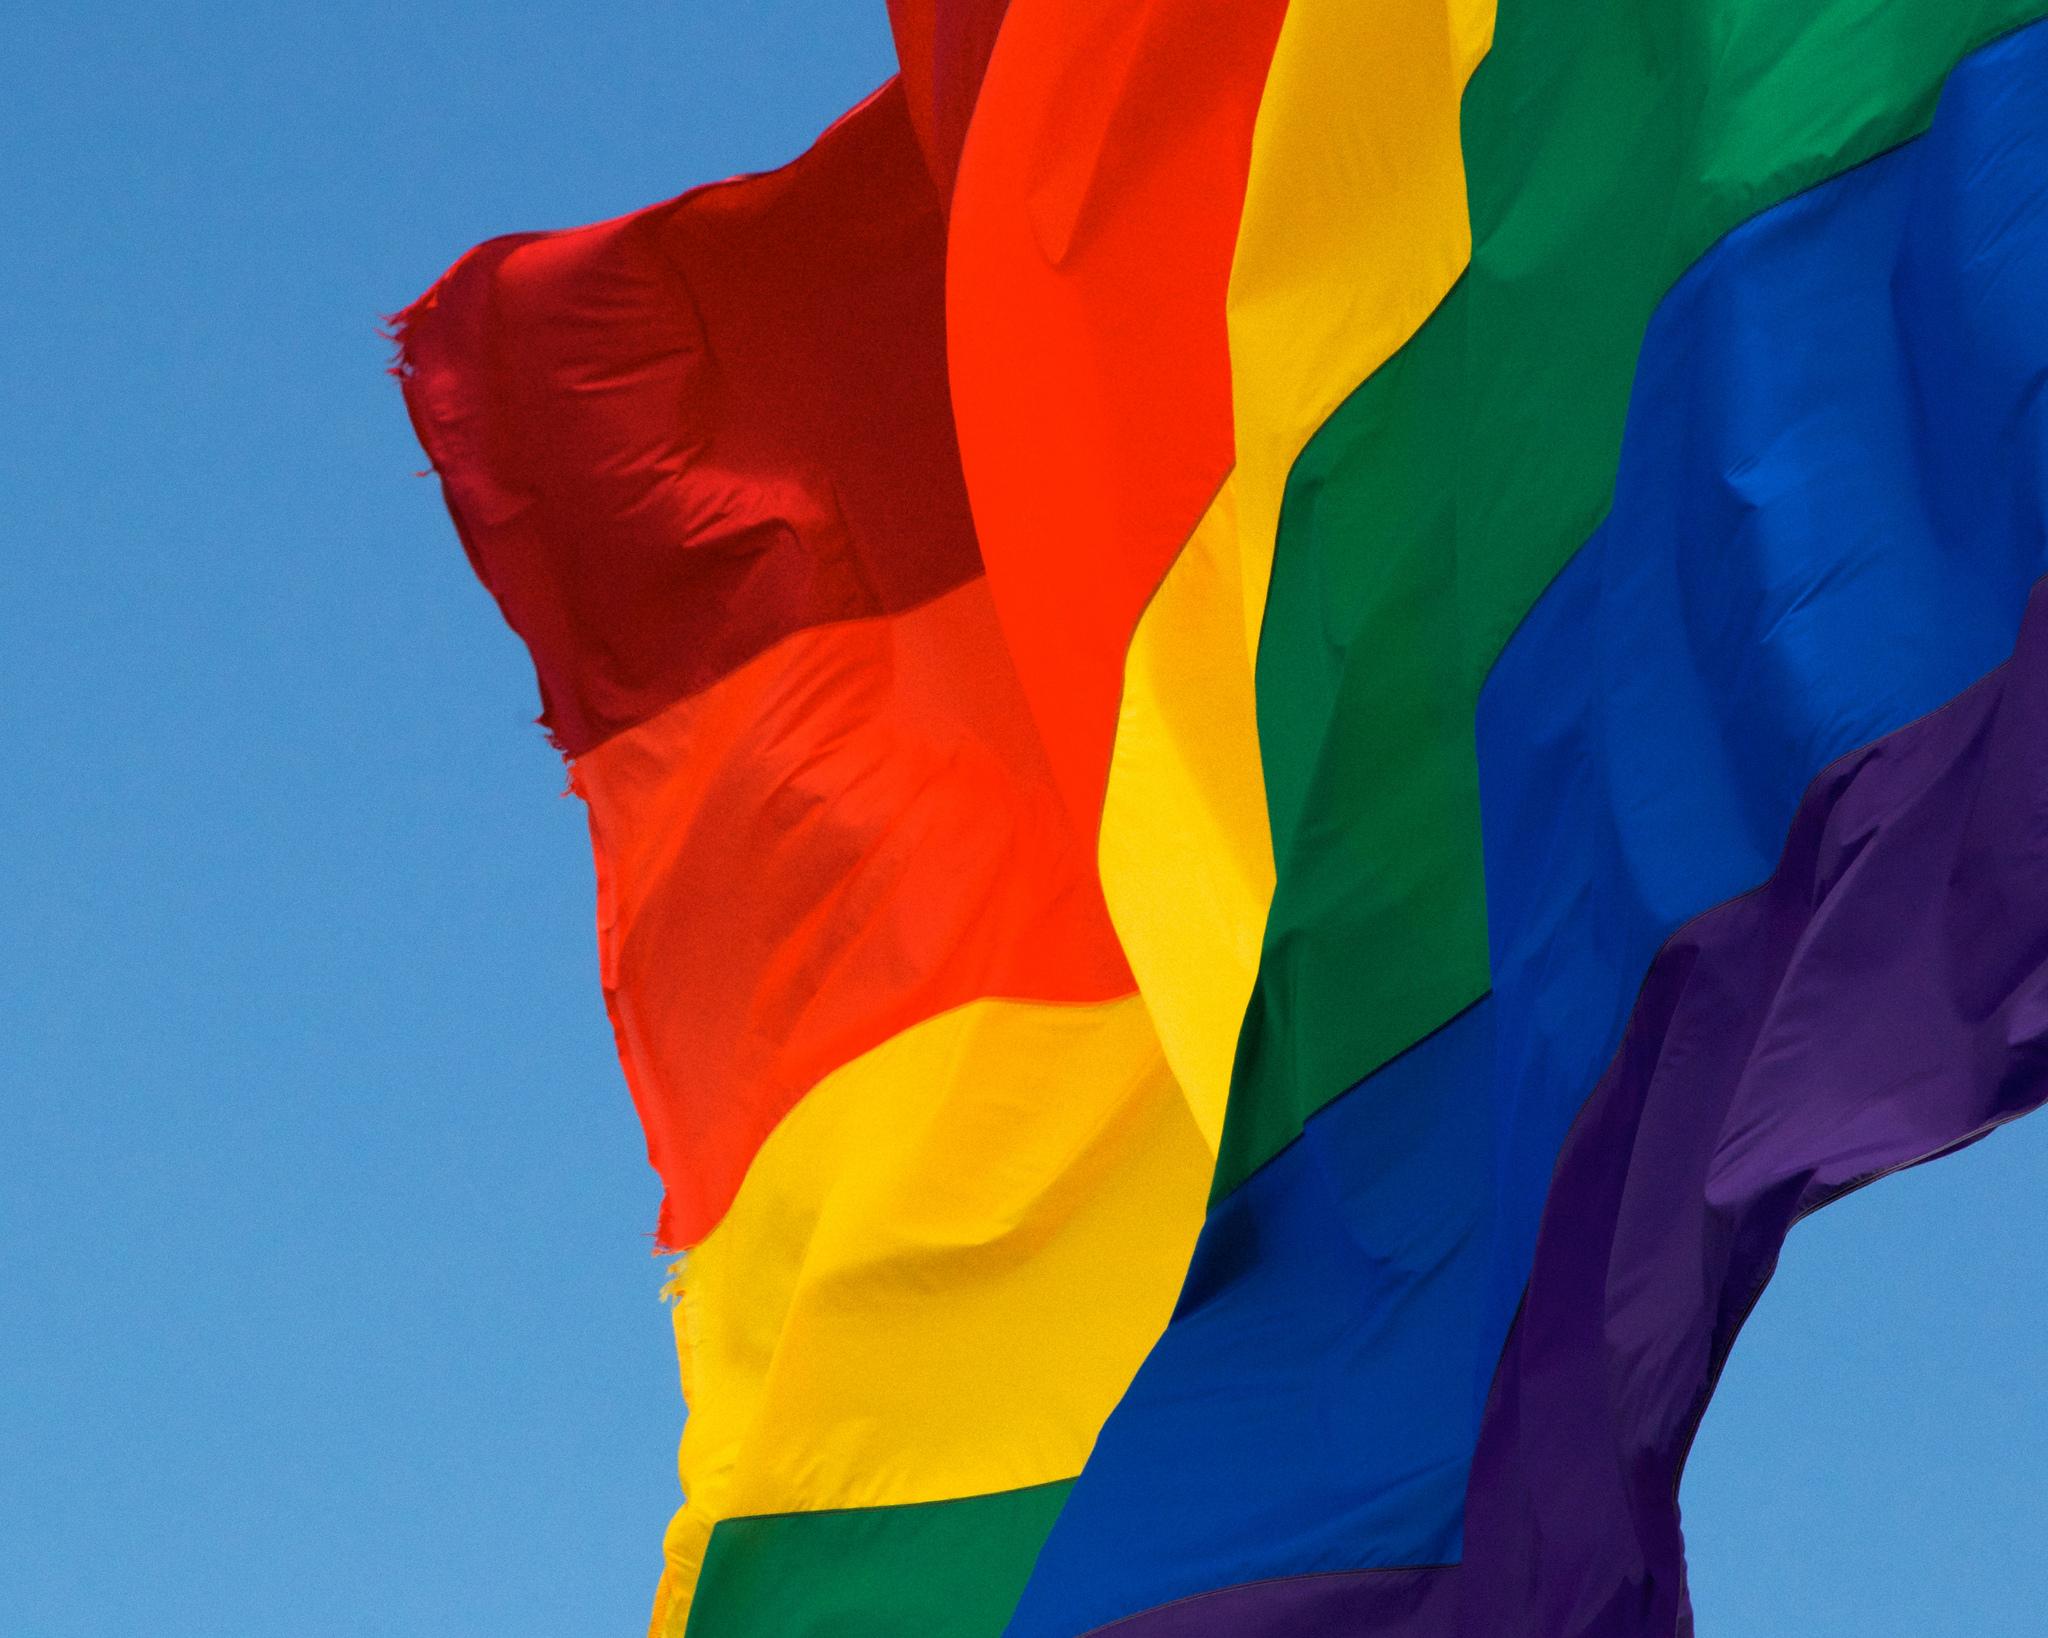 VA Lawmakers Kill Transgender School Bathroom Bill | Delmarva Public ...